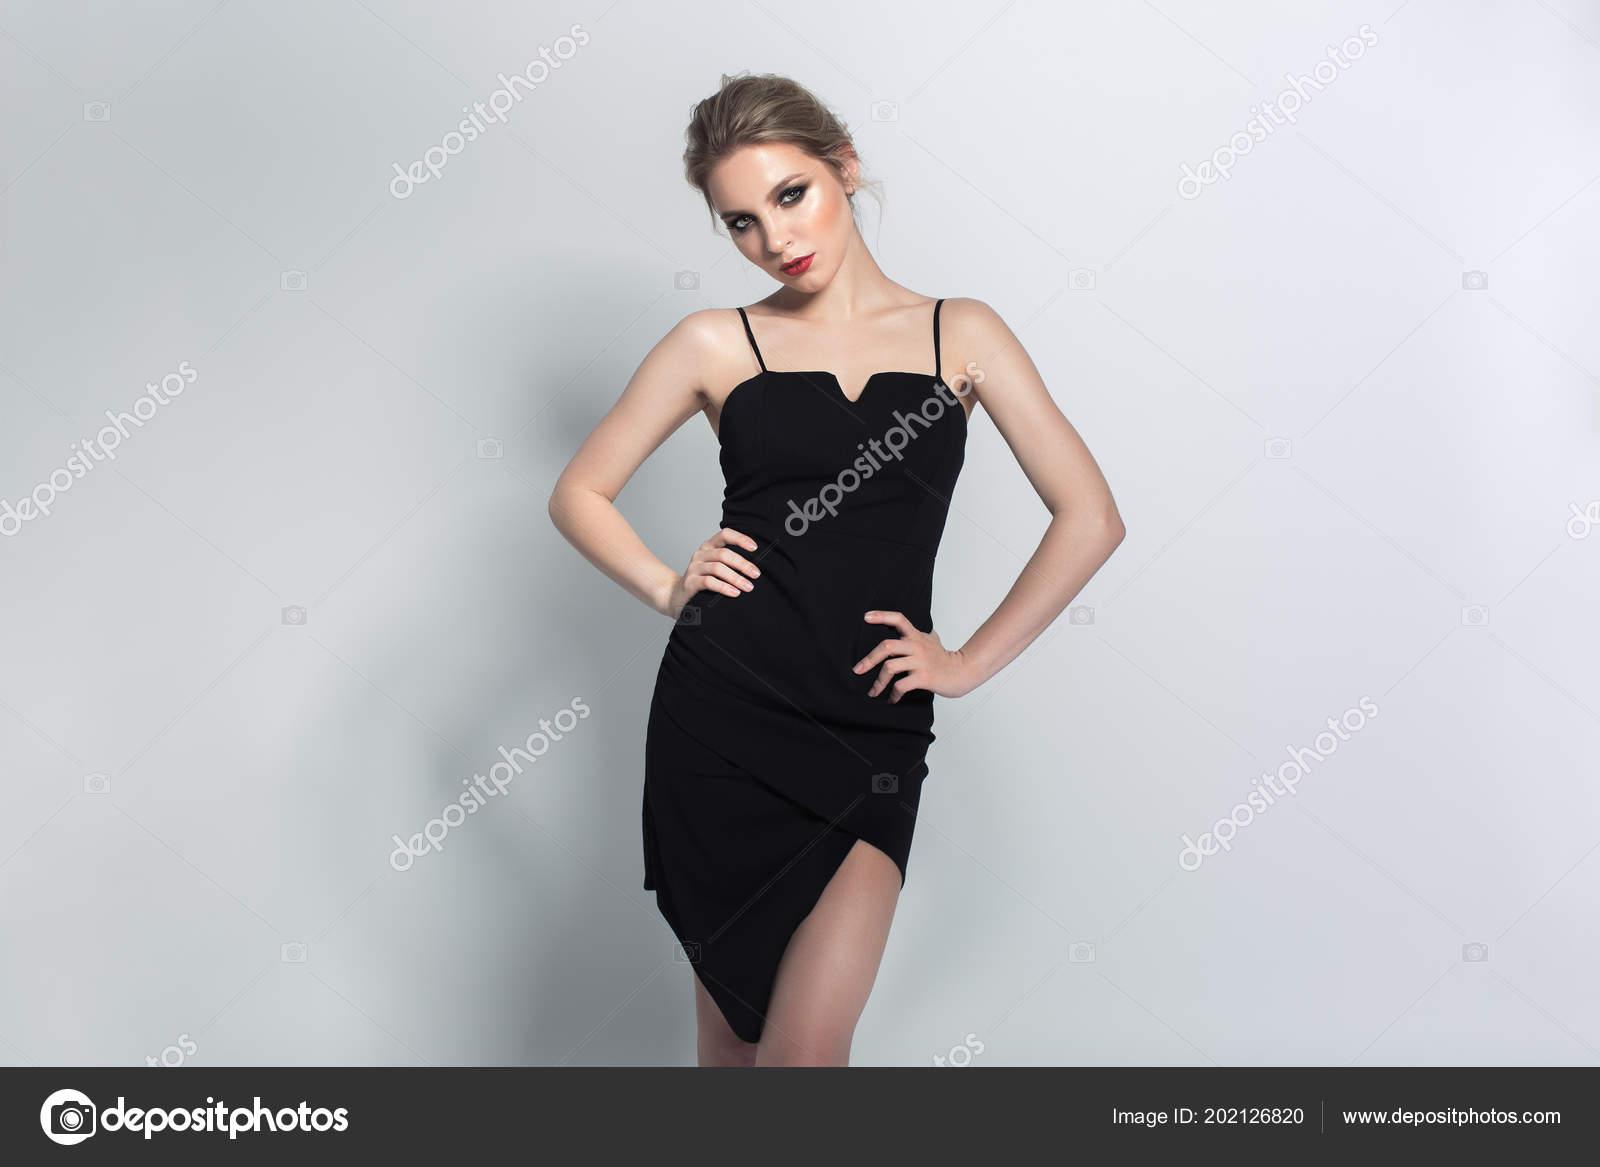 8e3d6a7afa3 Portrait Beauté Modèle Sur Petite Robe Noire Surligneur Brillant Fashion–  images de stock libres de droits